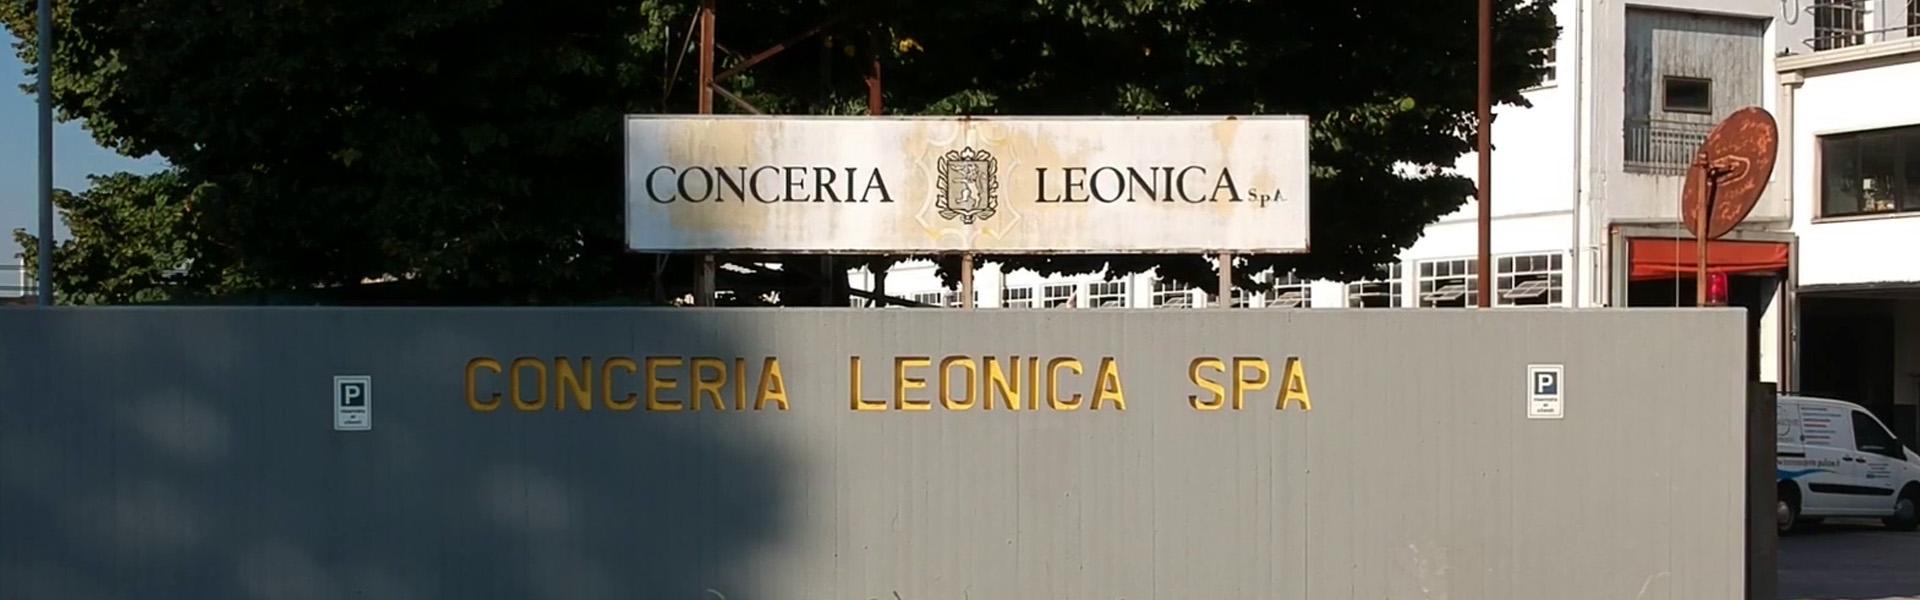 Conceria Leonica SpA